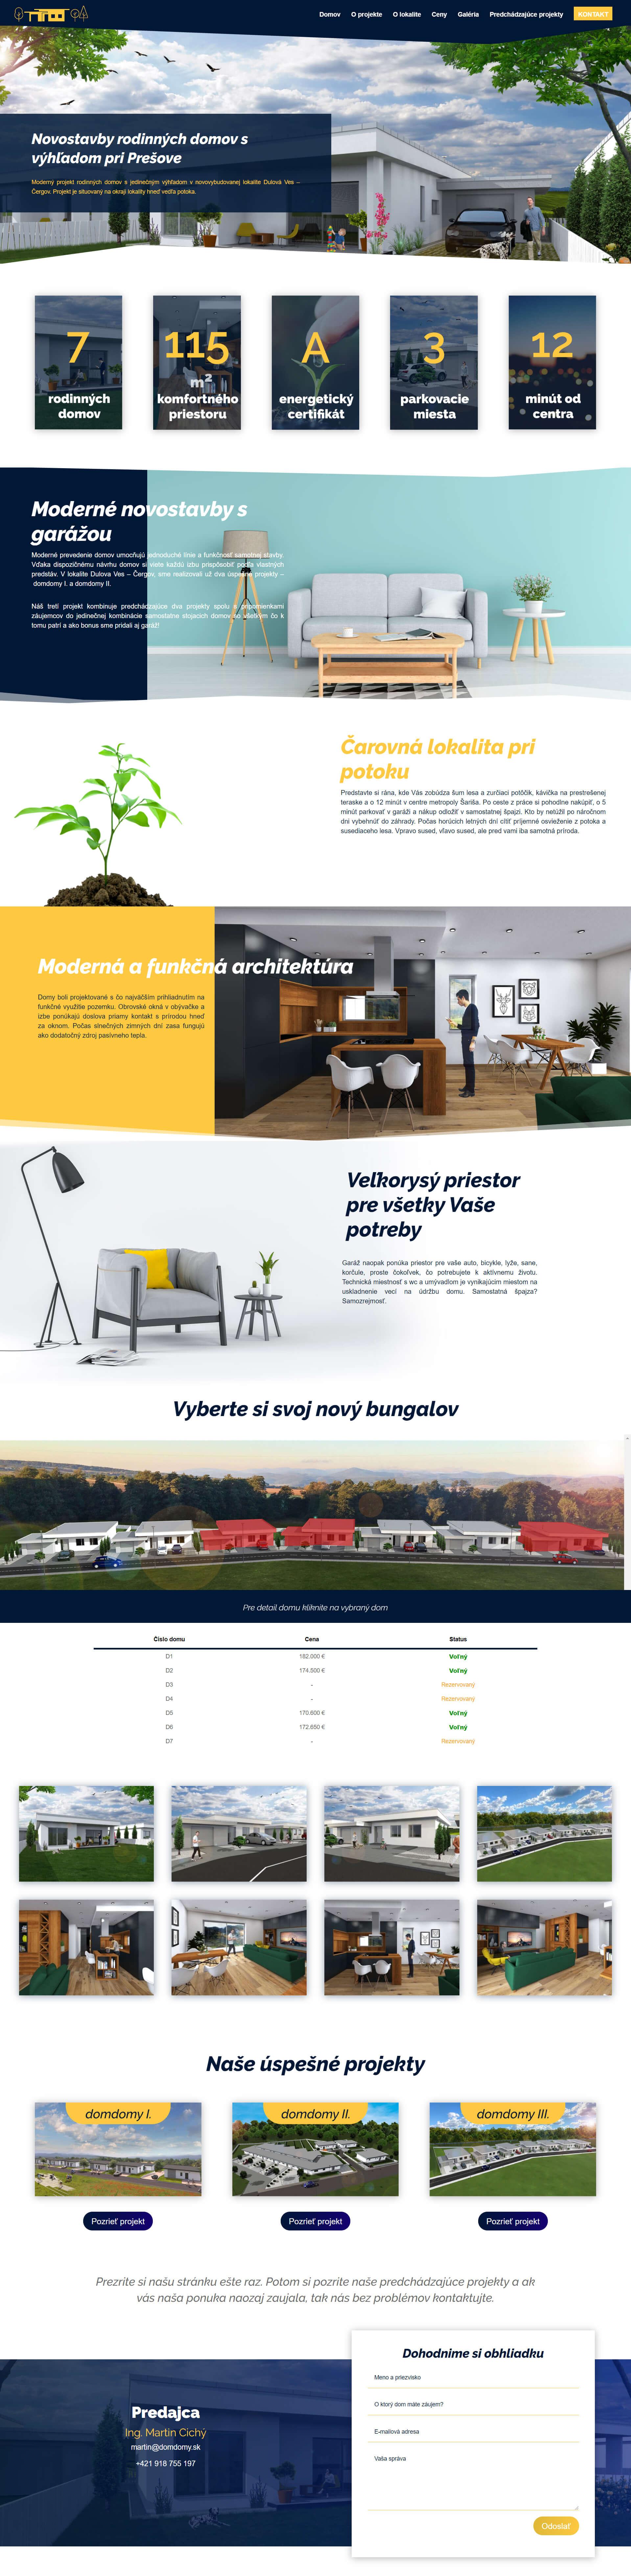 Vytvorenie webstránky pre developérov novostavby domov v Prešove